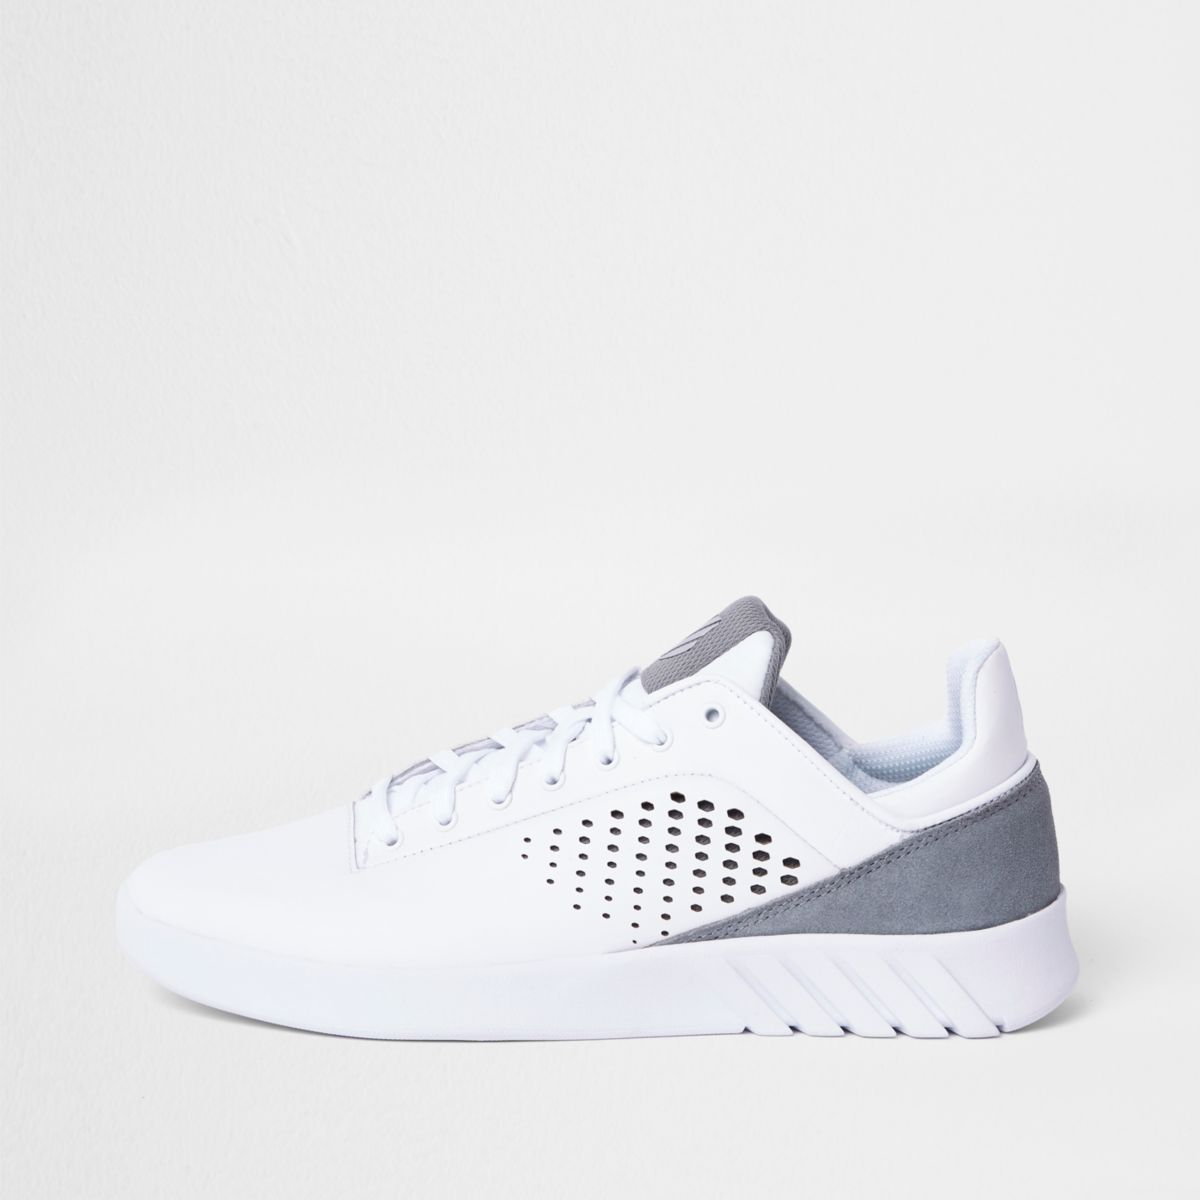 White K-Swiss sports runner sneakers